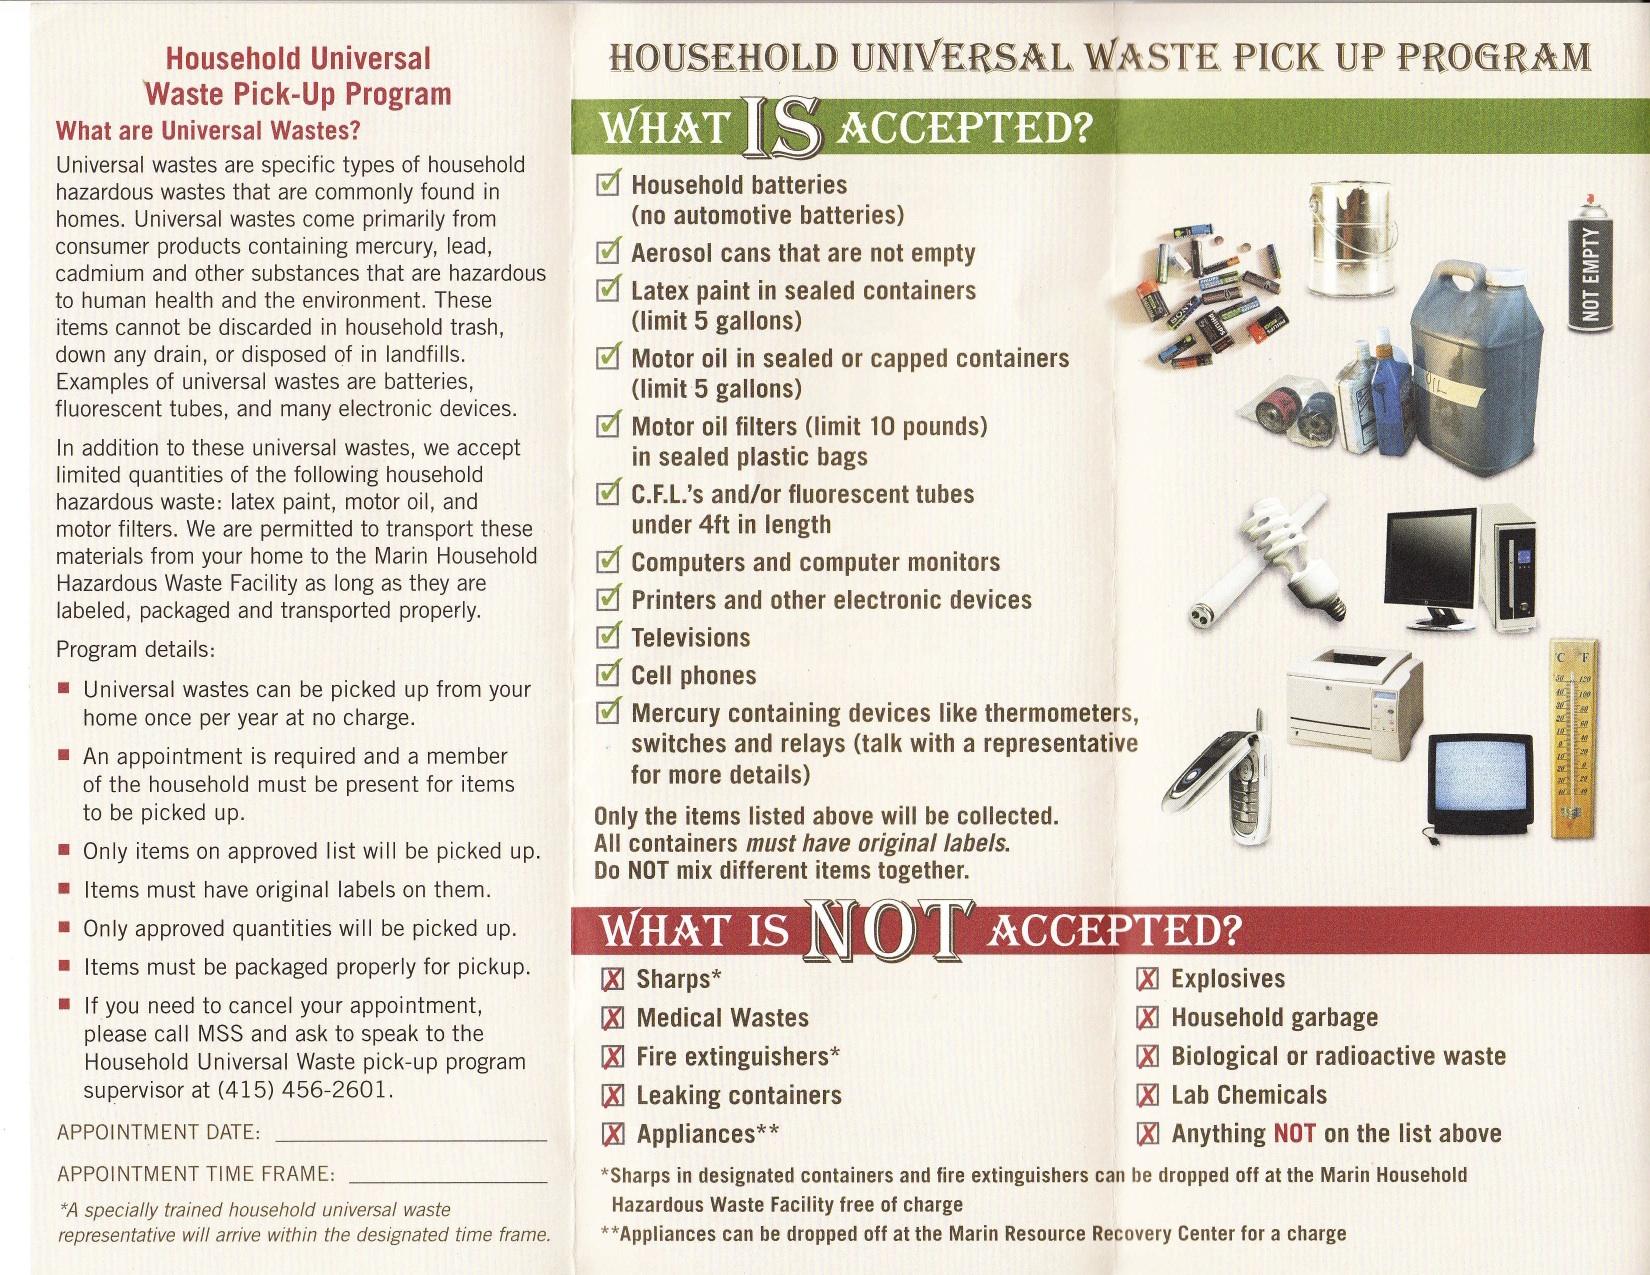 Fairfax Hazardous Waste Pickup p2